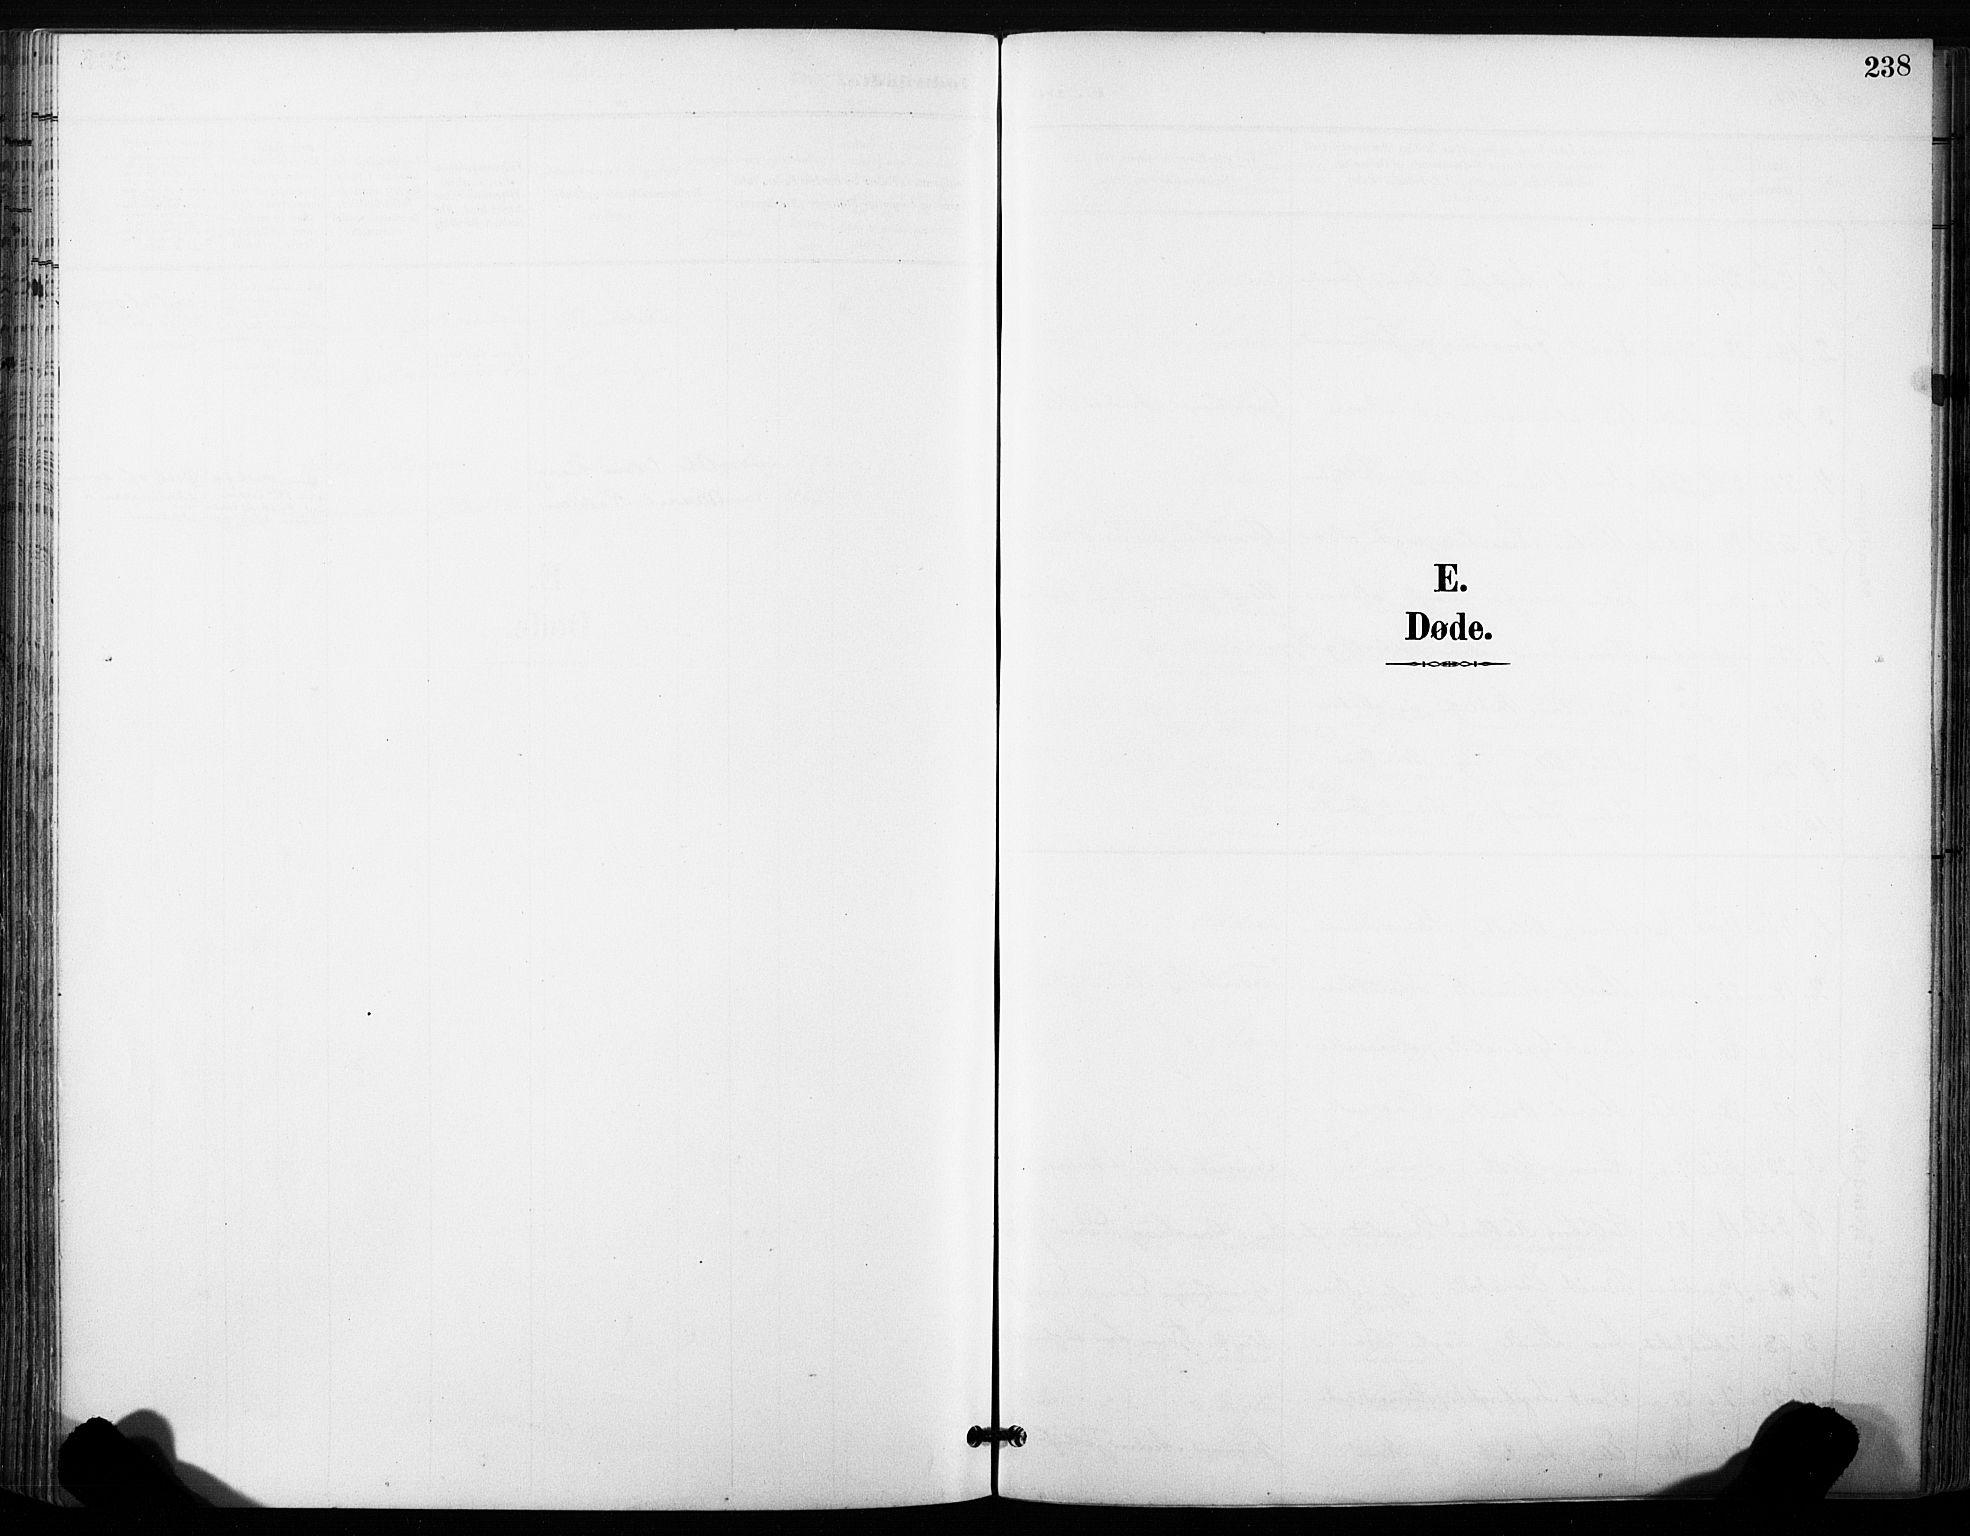 SAT, Ministerialprotokoller, klokkerbøker og fødselsregistre - Sør-Trøndelag, 630/L0497: Ministerialbok nr. 630A10, 1896-1910, s. 238